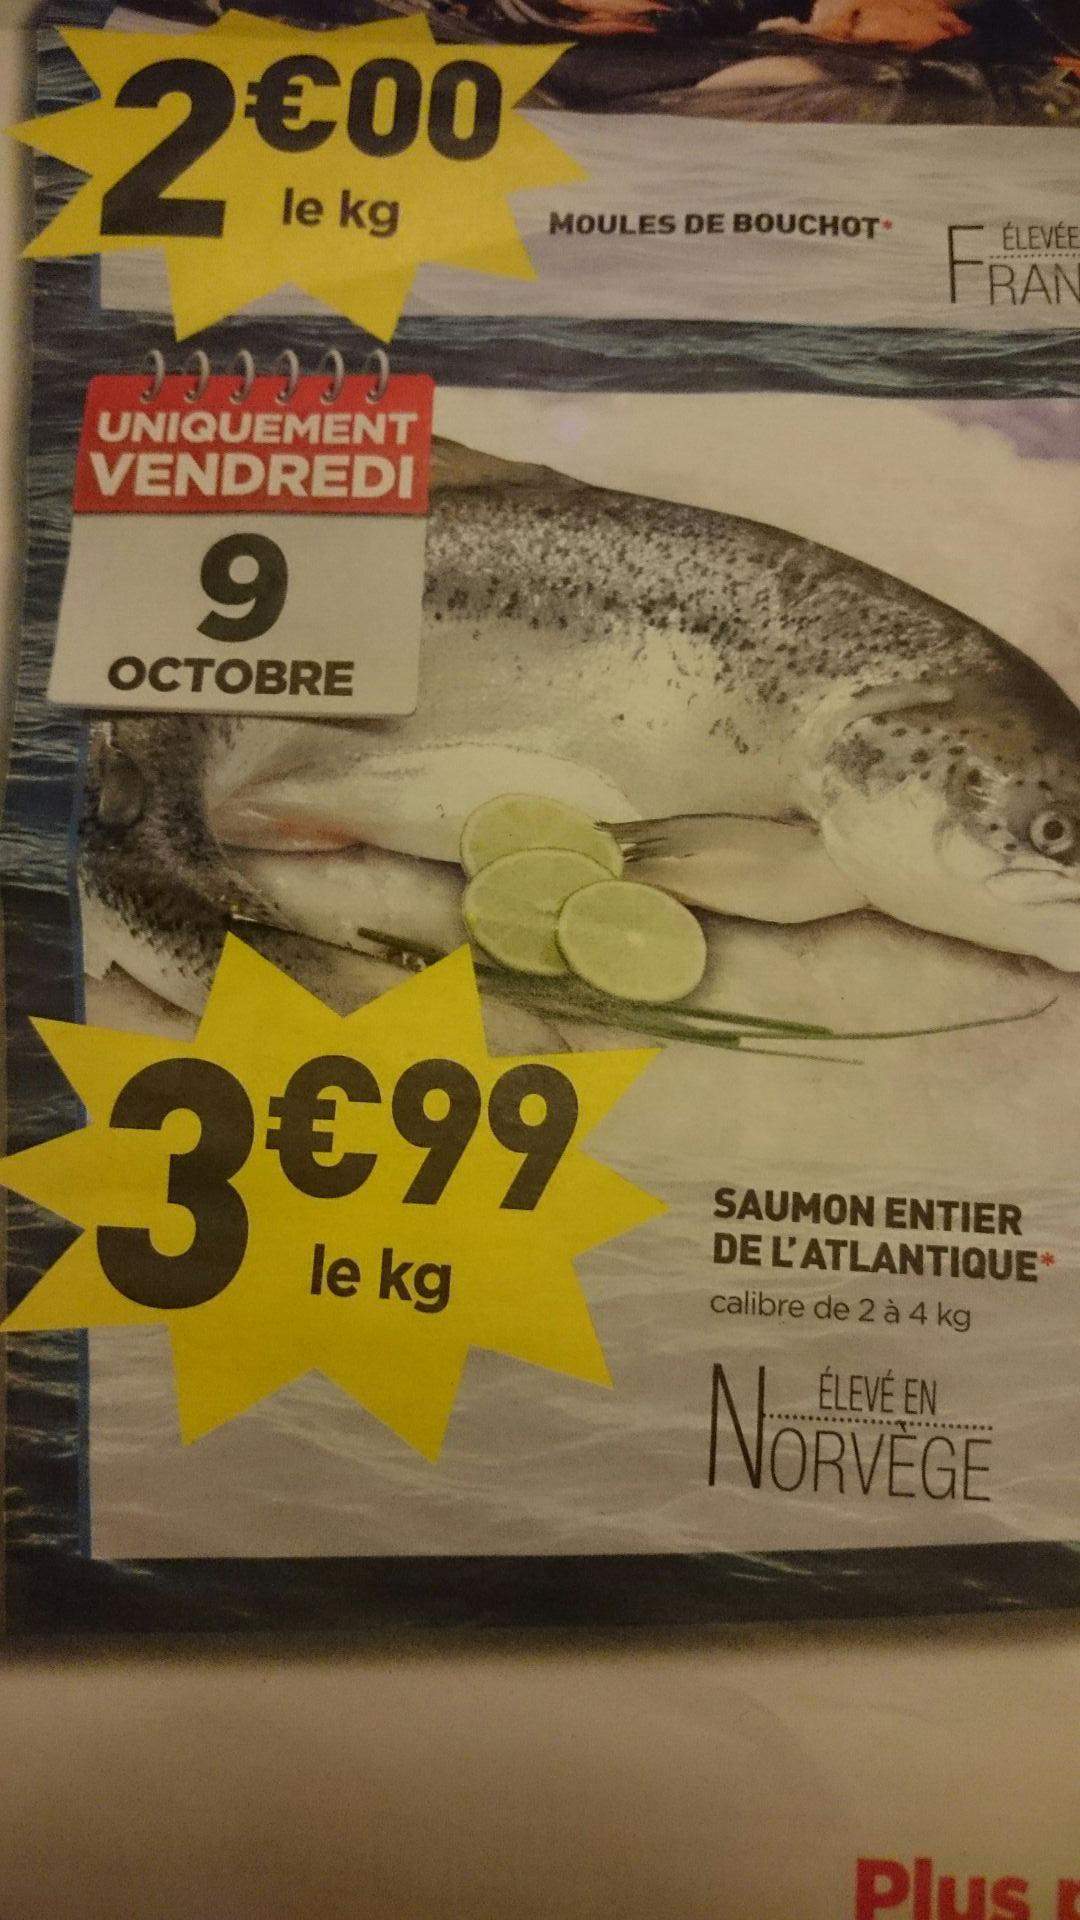 Saumon de l'atlantique entier - le kilo